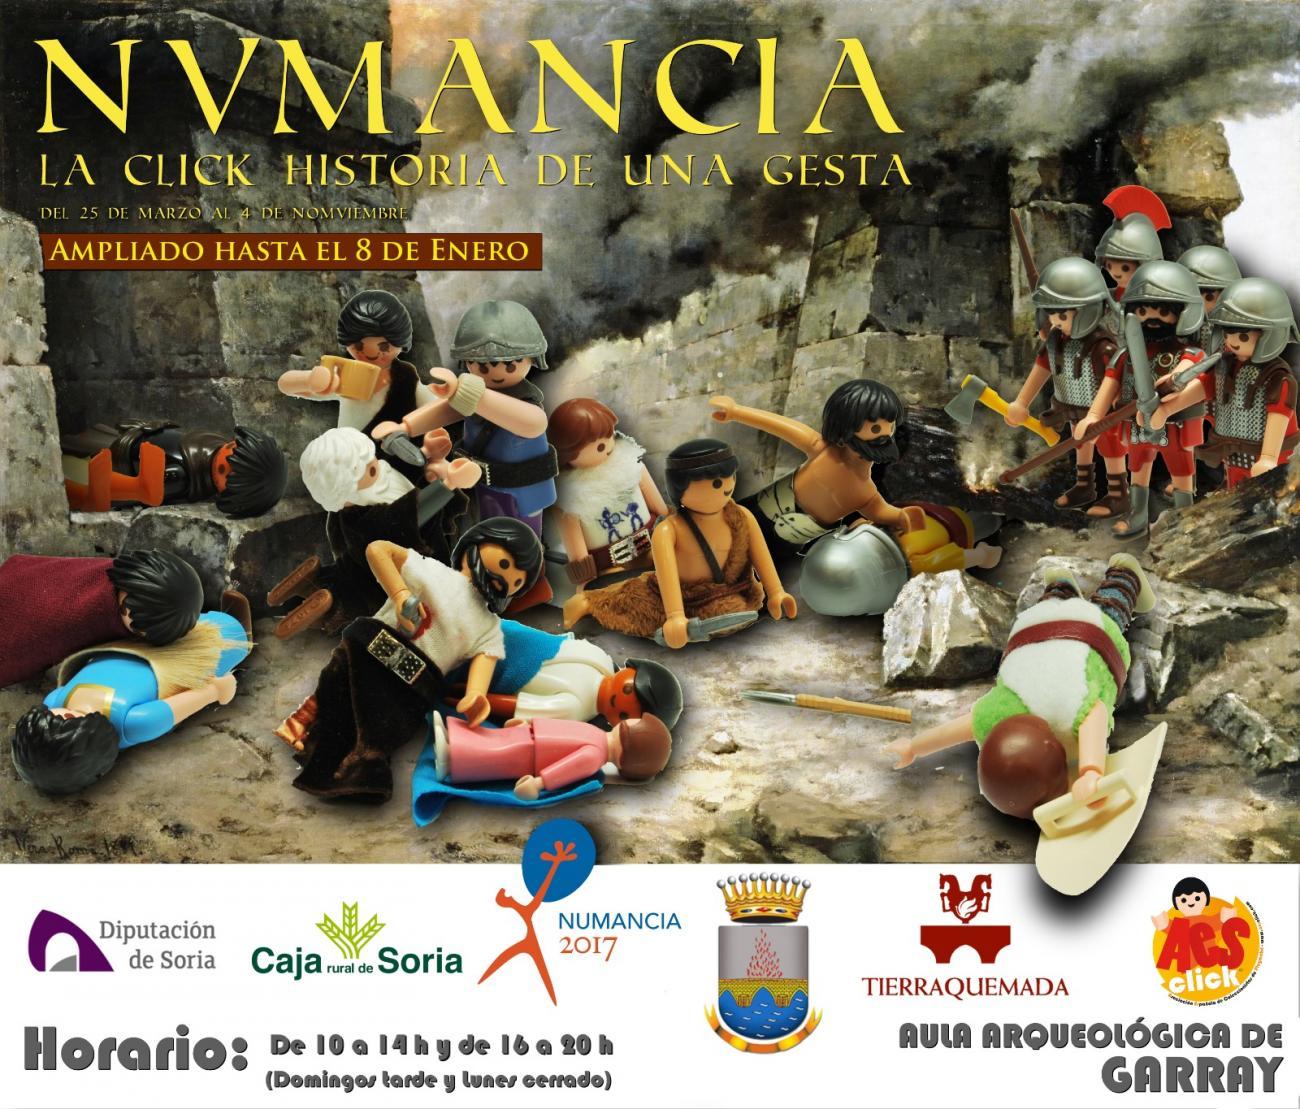 NVMANCIA. LA CLICK HISTORIA DE UNA GESTA